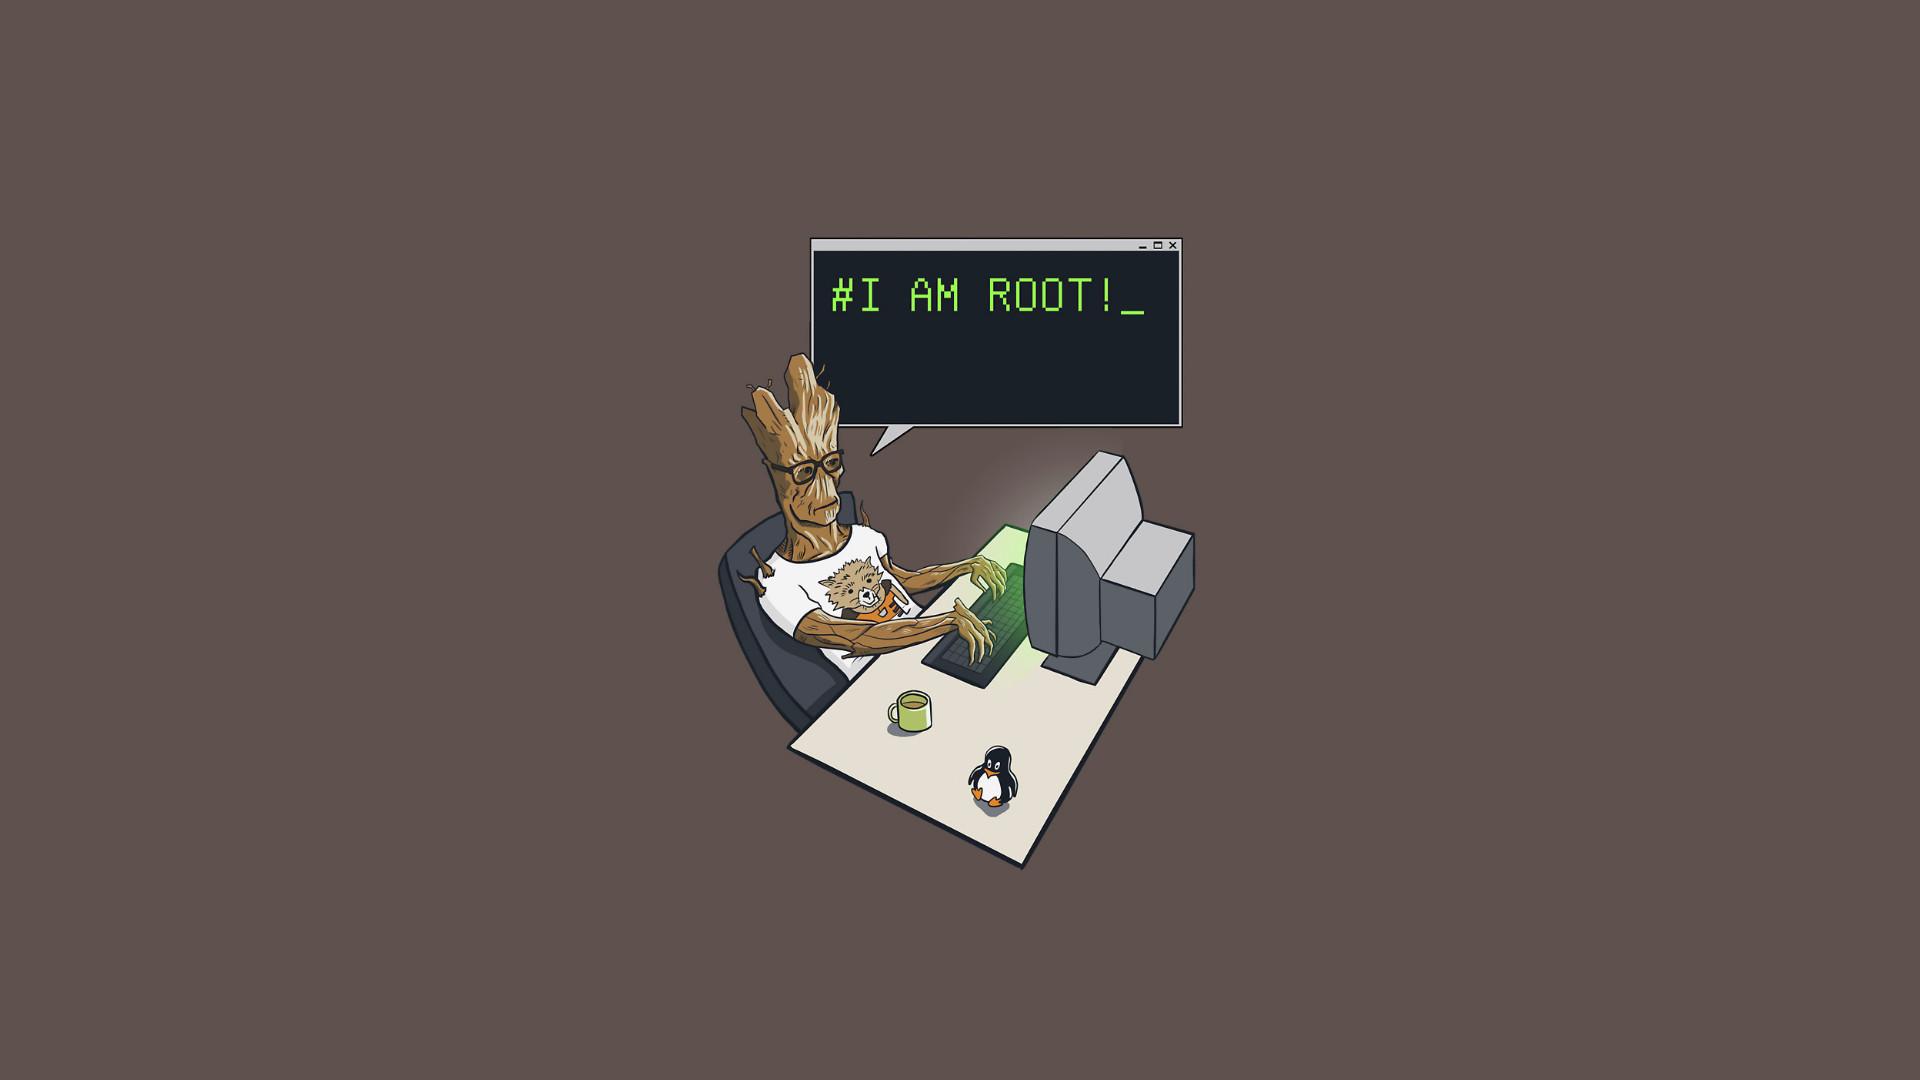 General 1920x1080 Groot minimalism simple background Linux geek humor computer beige beige background